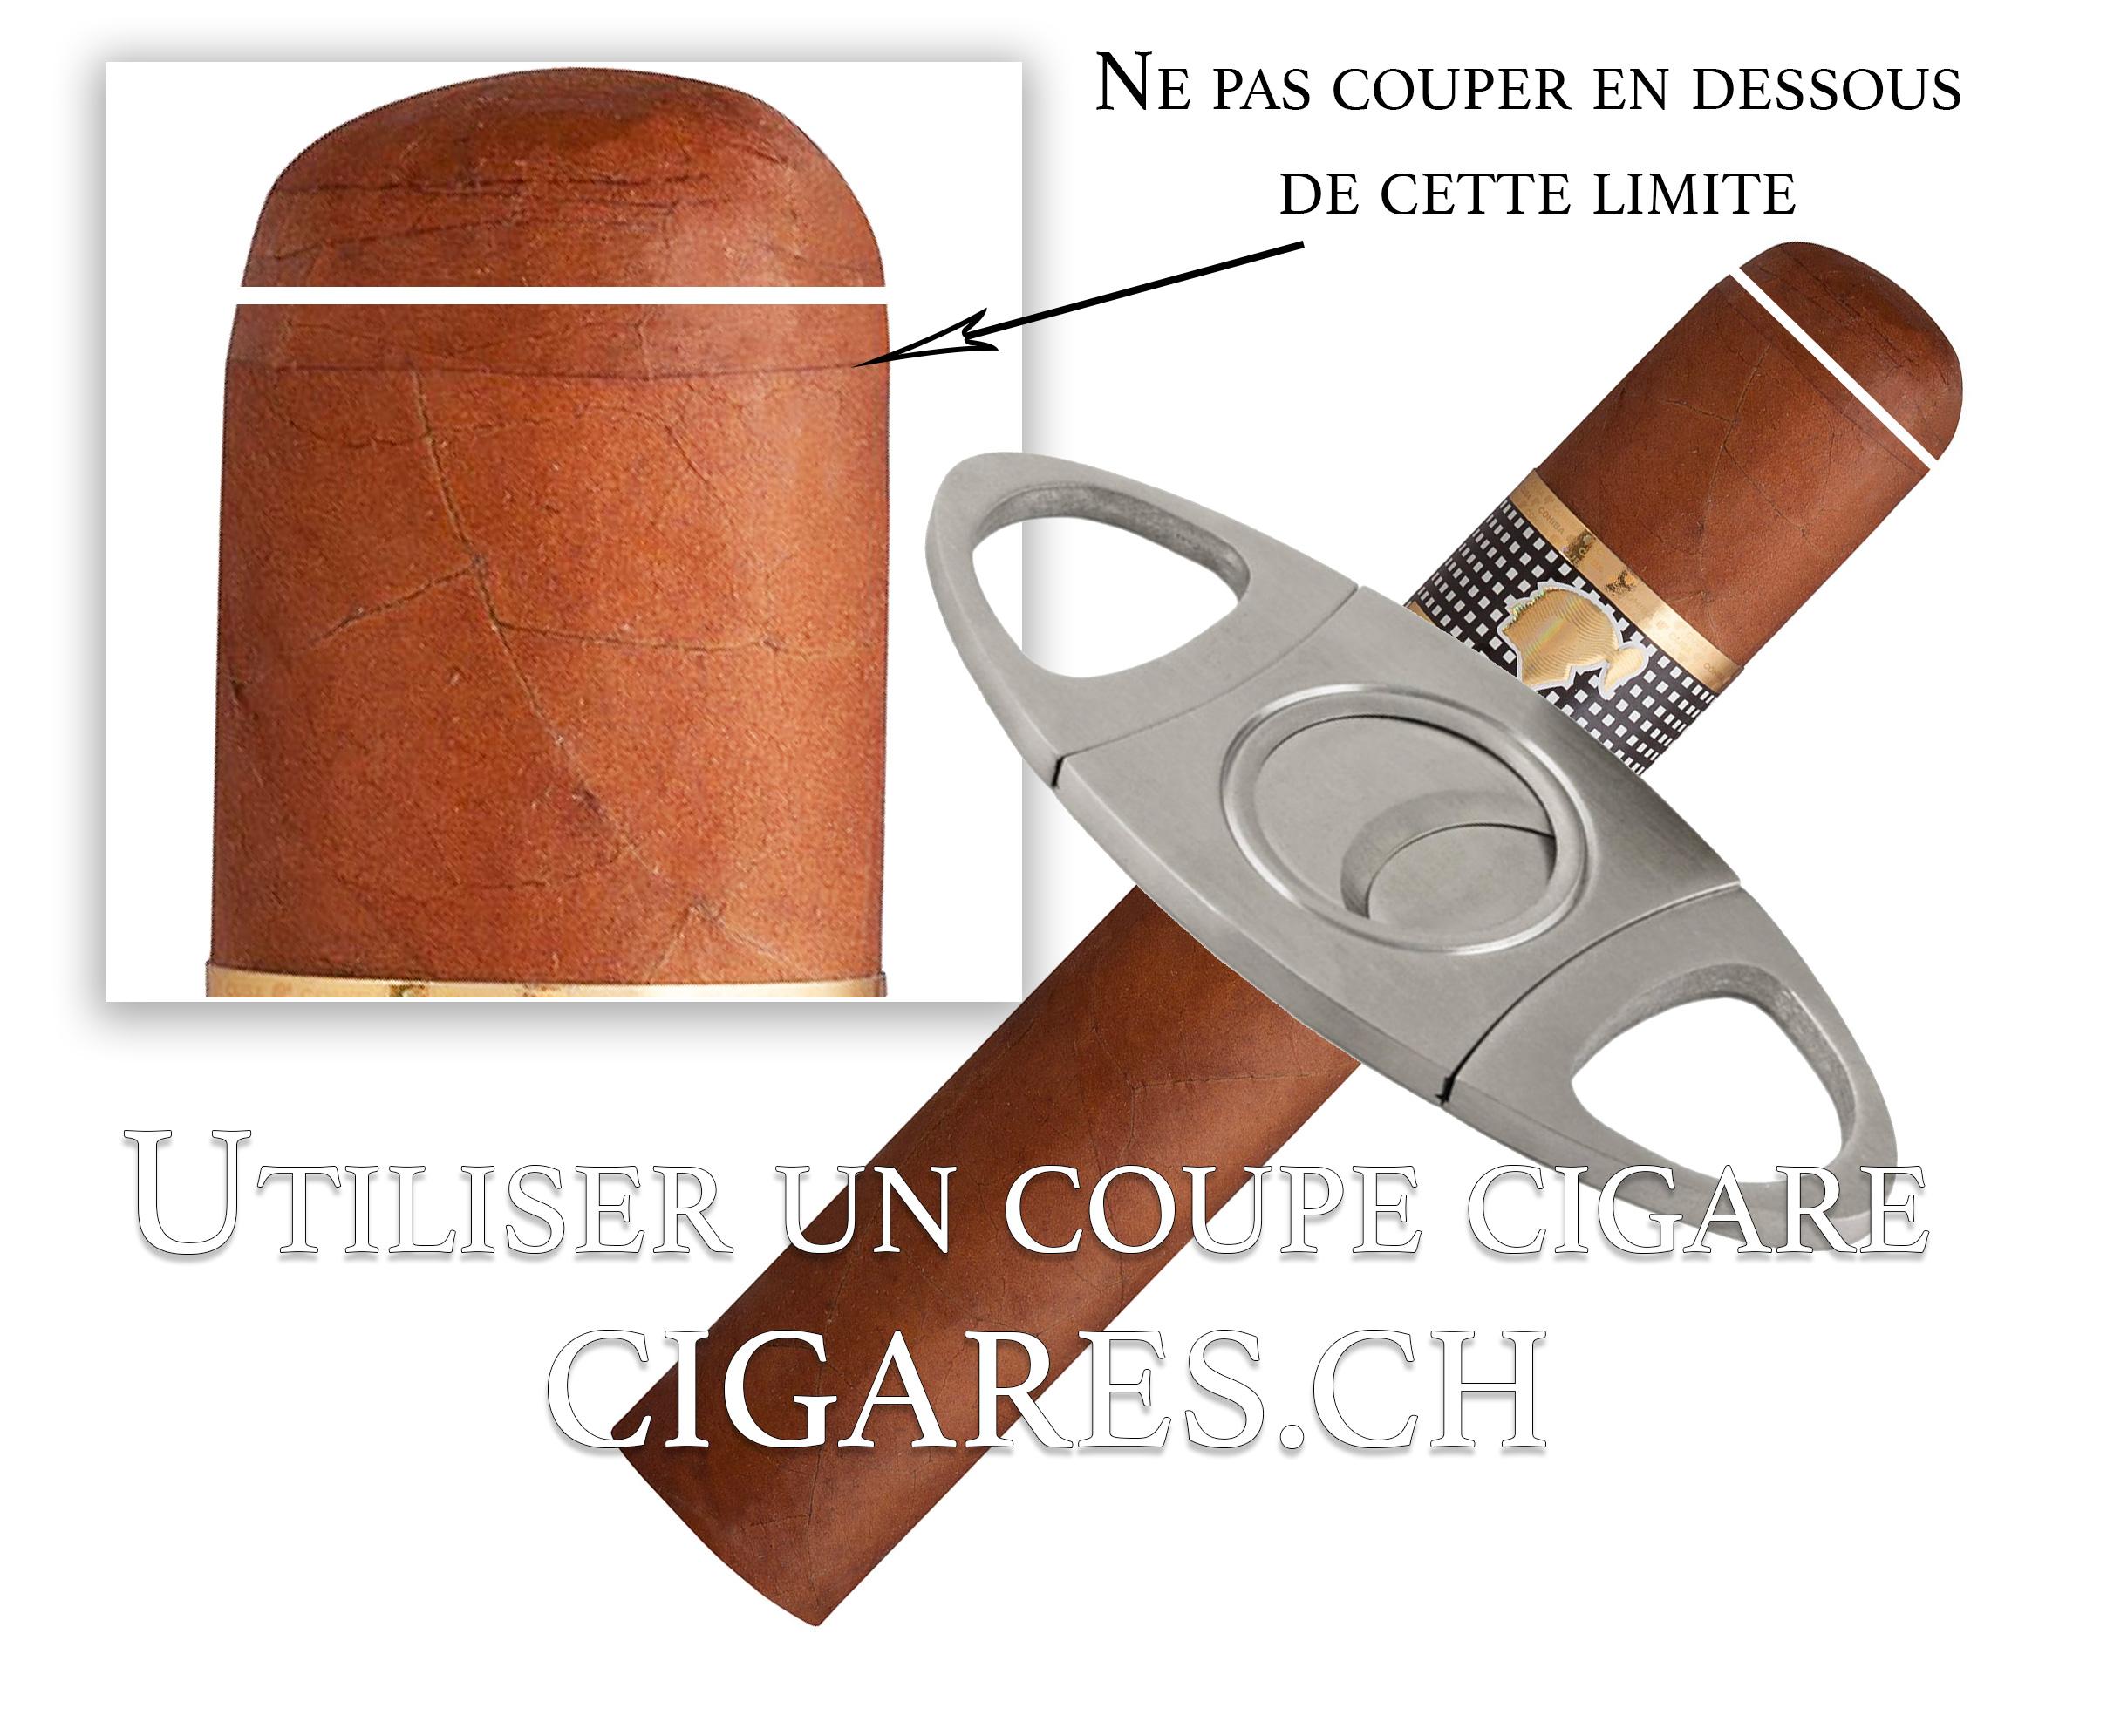 Coupe cigare comment bien l 39 utiliser - Coupe cigare emporte piece ...